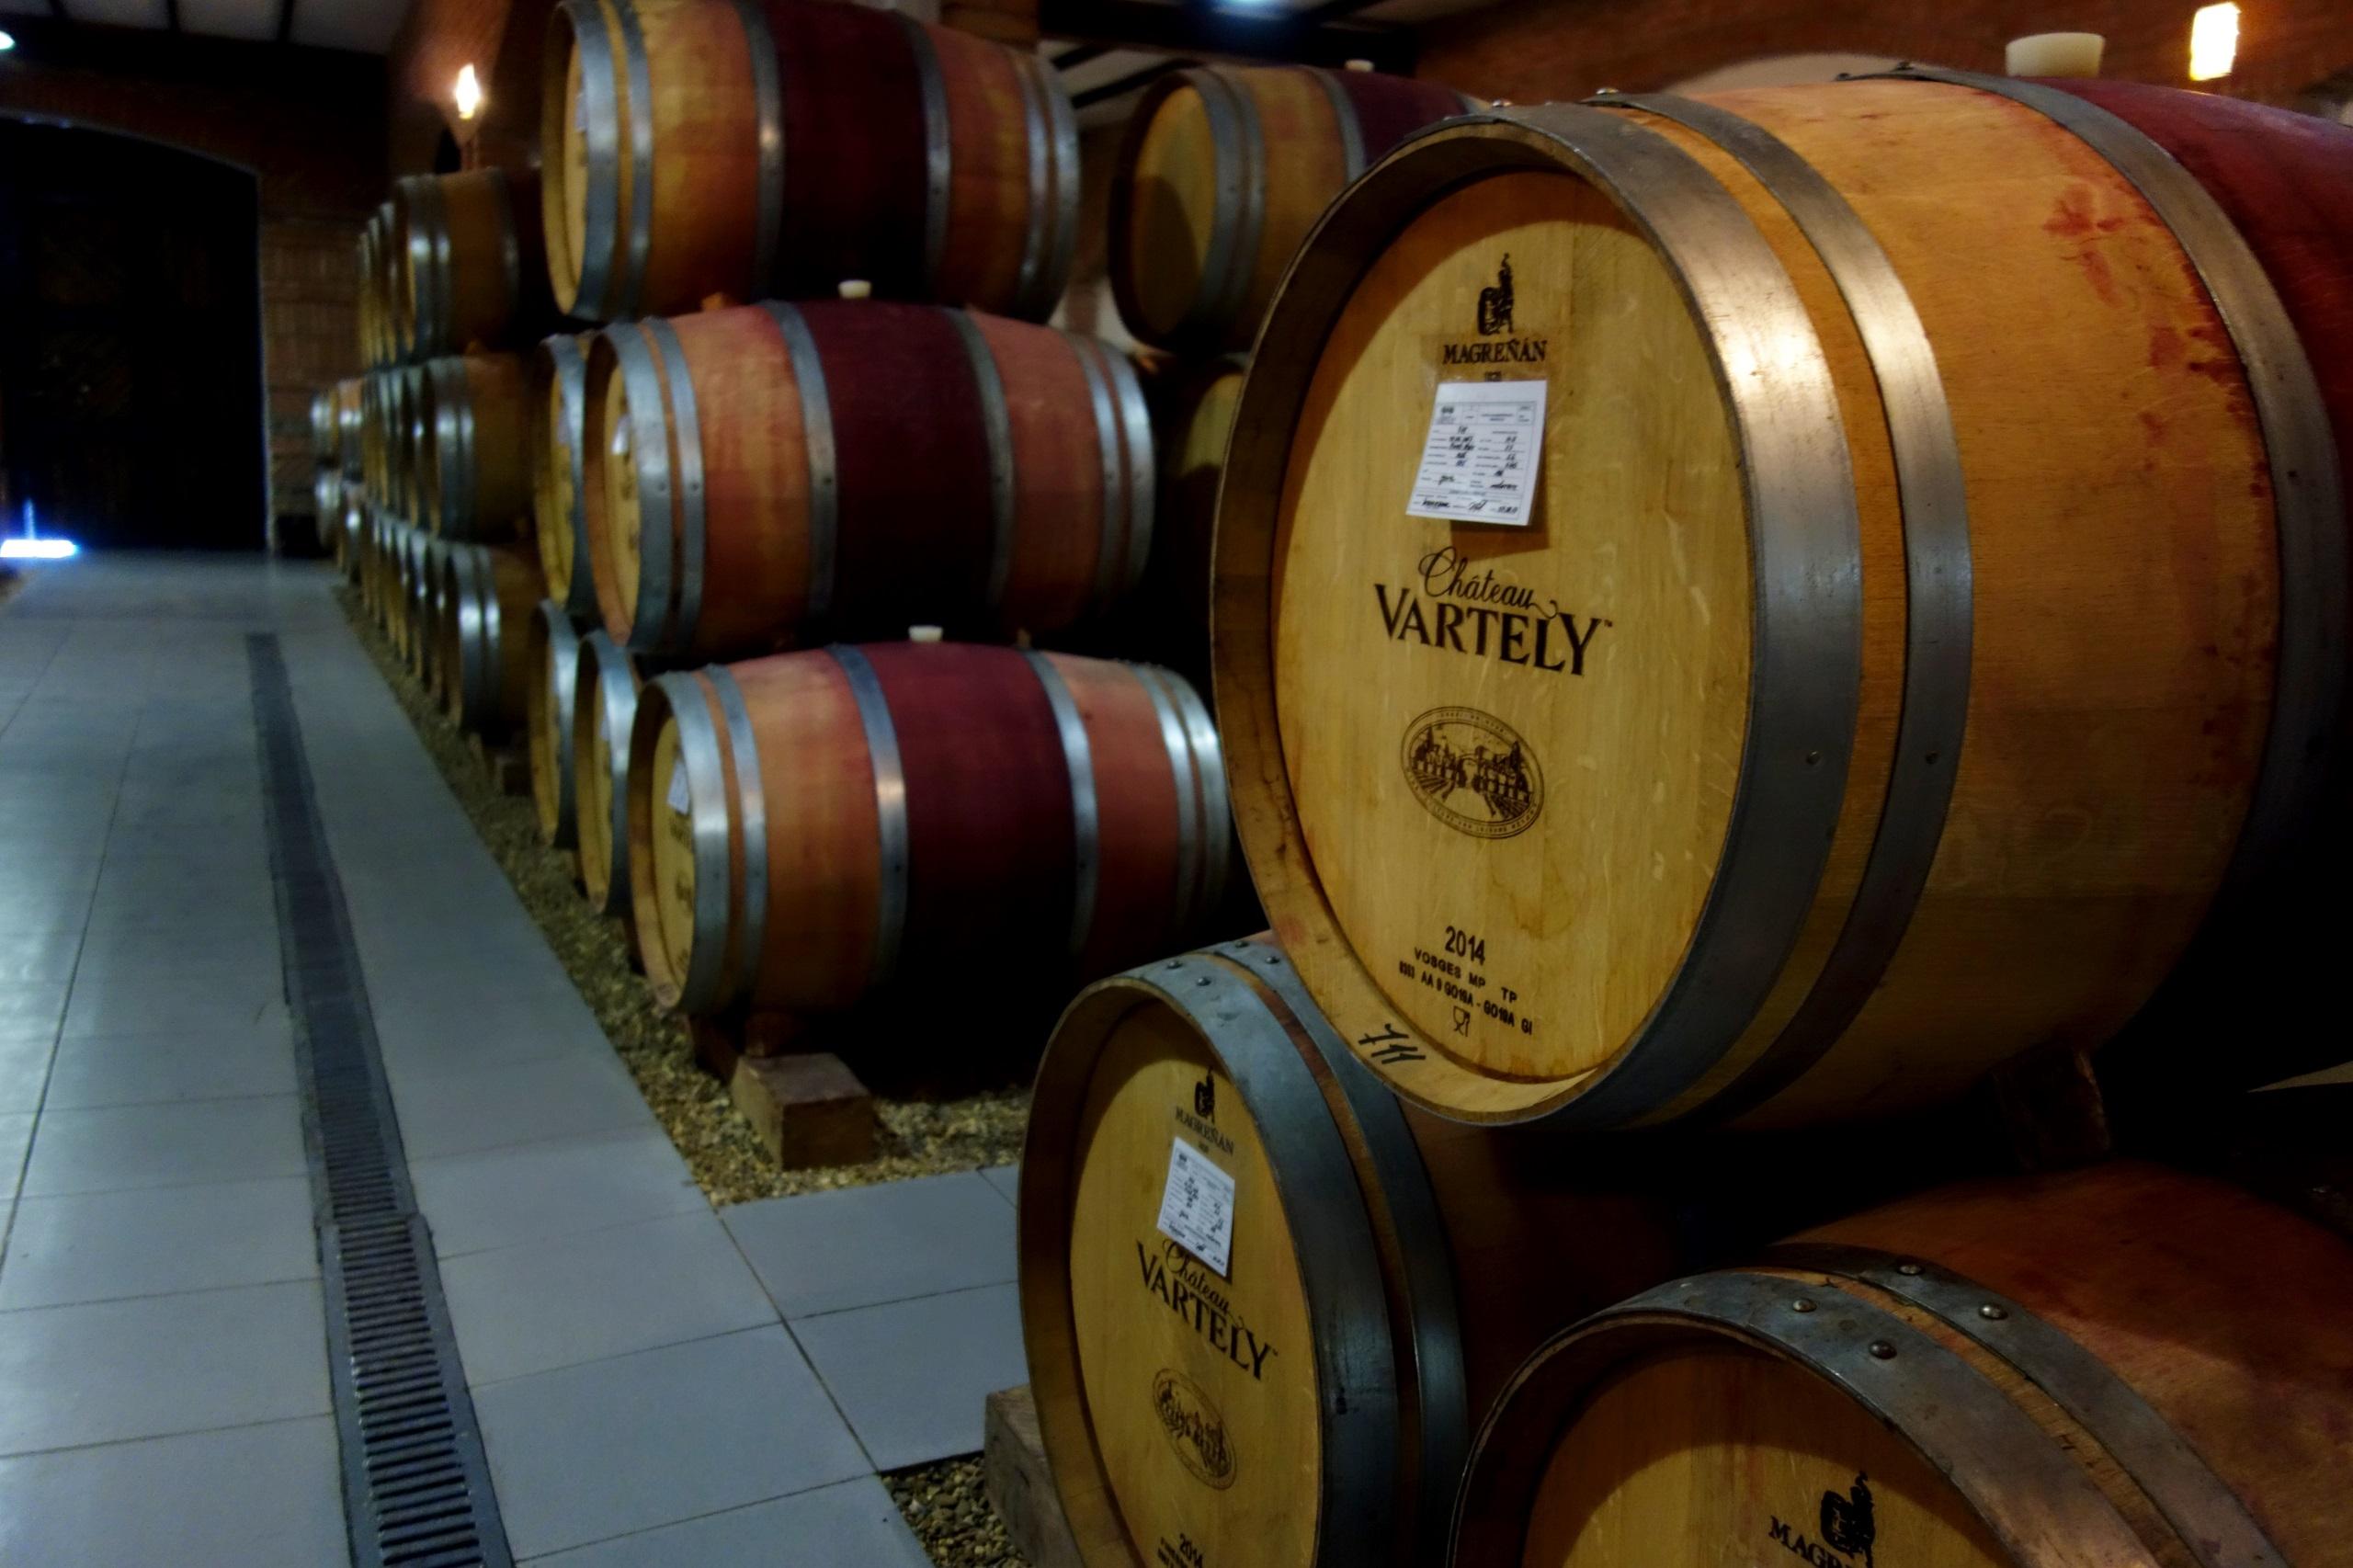 Chardonnay Taraboste dojrzewa właśnie tutaj - piwnica Chateau Vartely